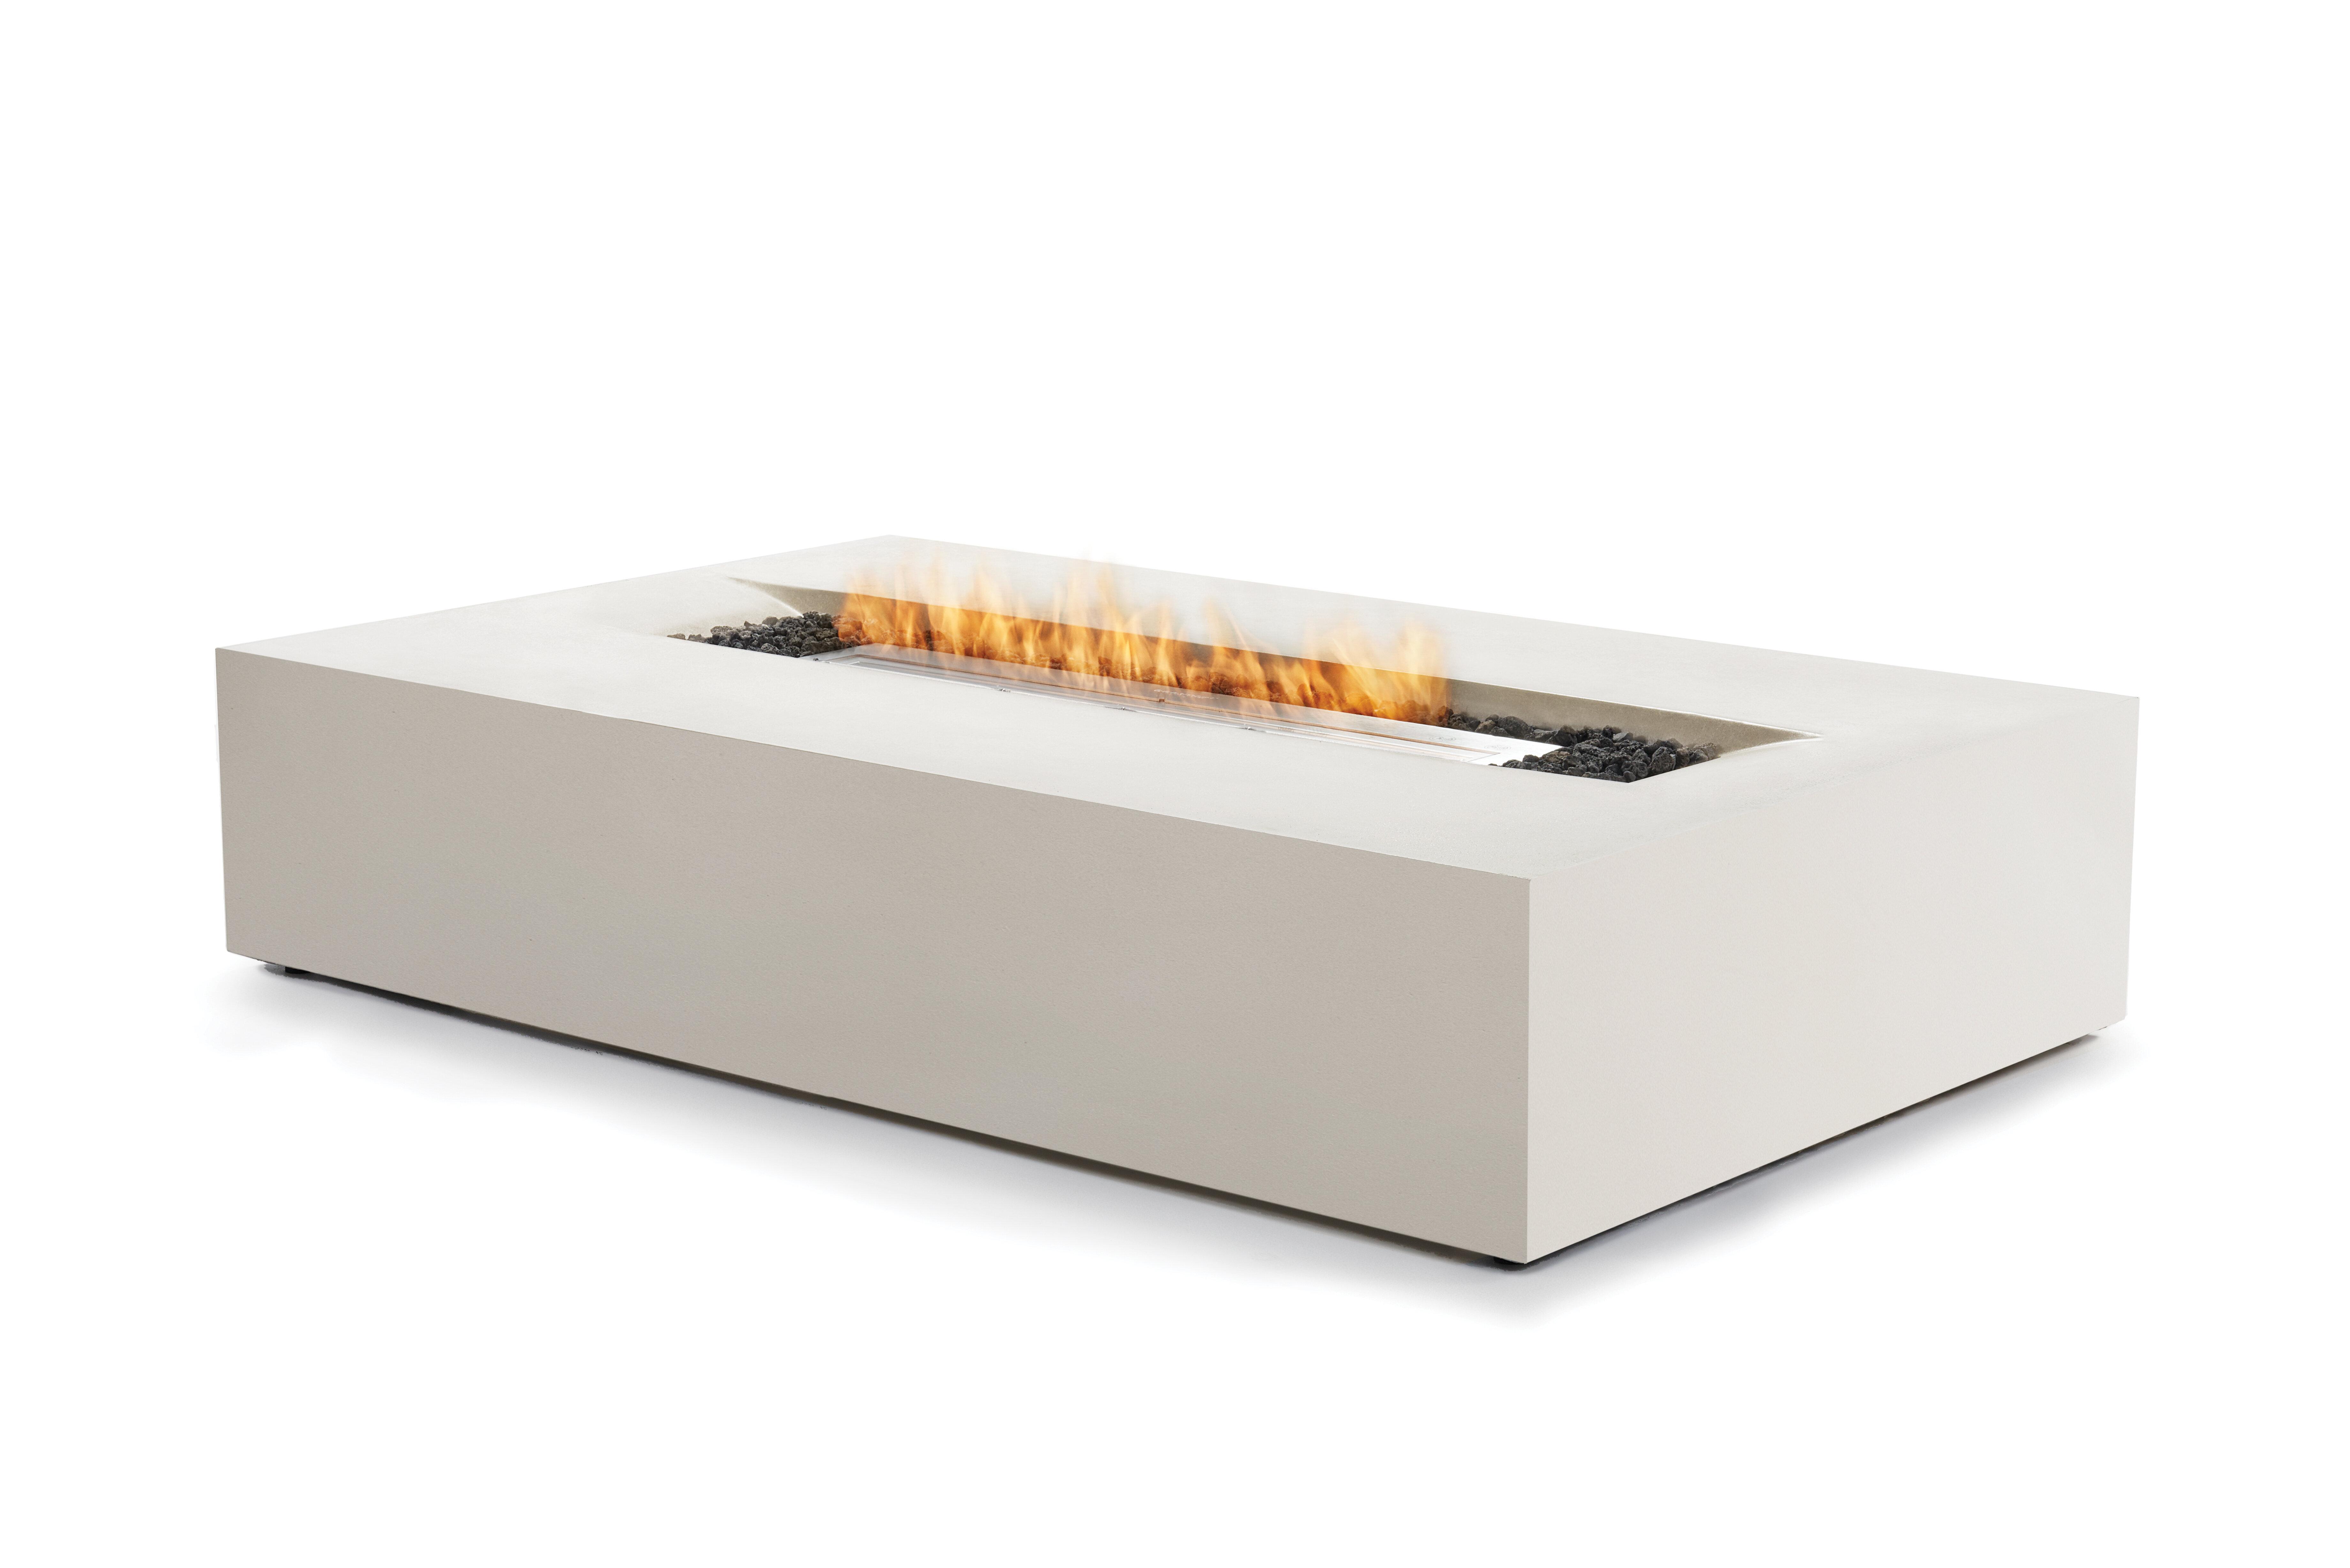 Bjfs Flo Concrete Bio Ethanol Fuel Fire Pit Table Wayfair